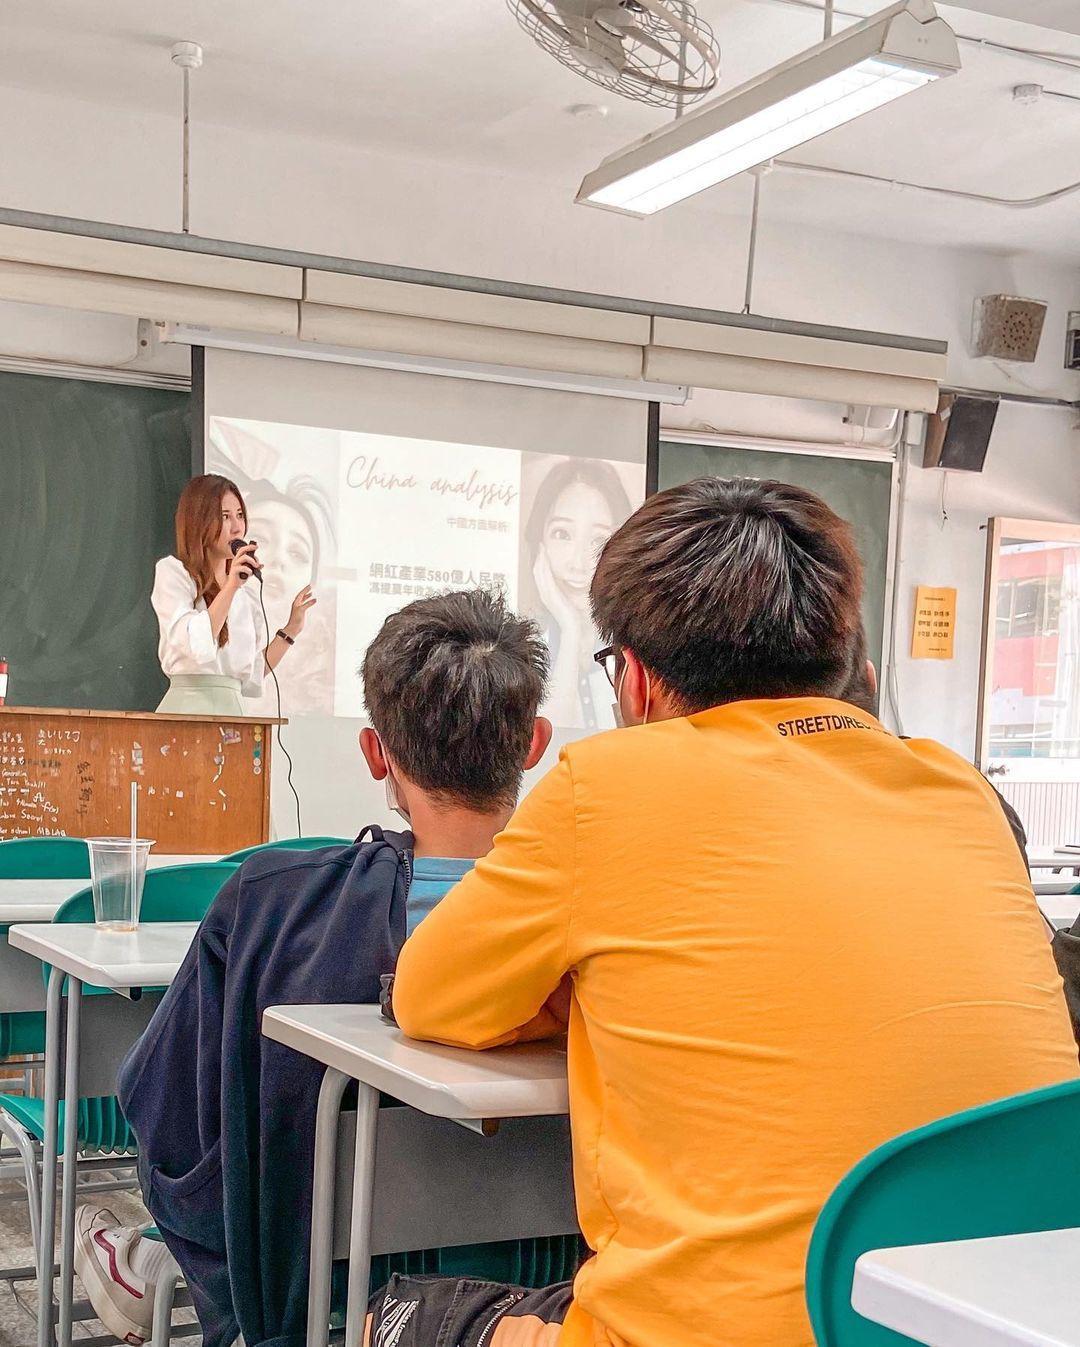 正妹大学客座讲师Patty Lin 霈媞气质清新让台下同学目不转睛 养眼图片 第5张